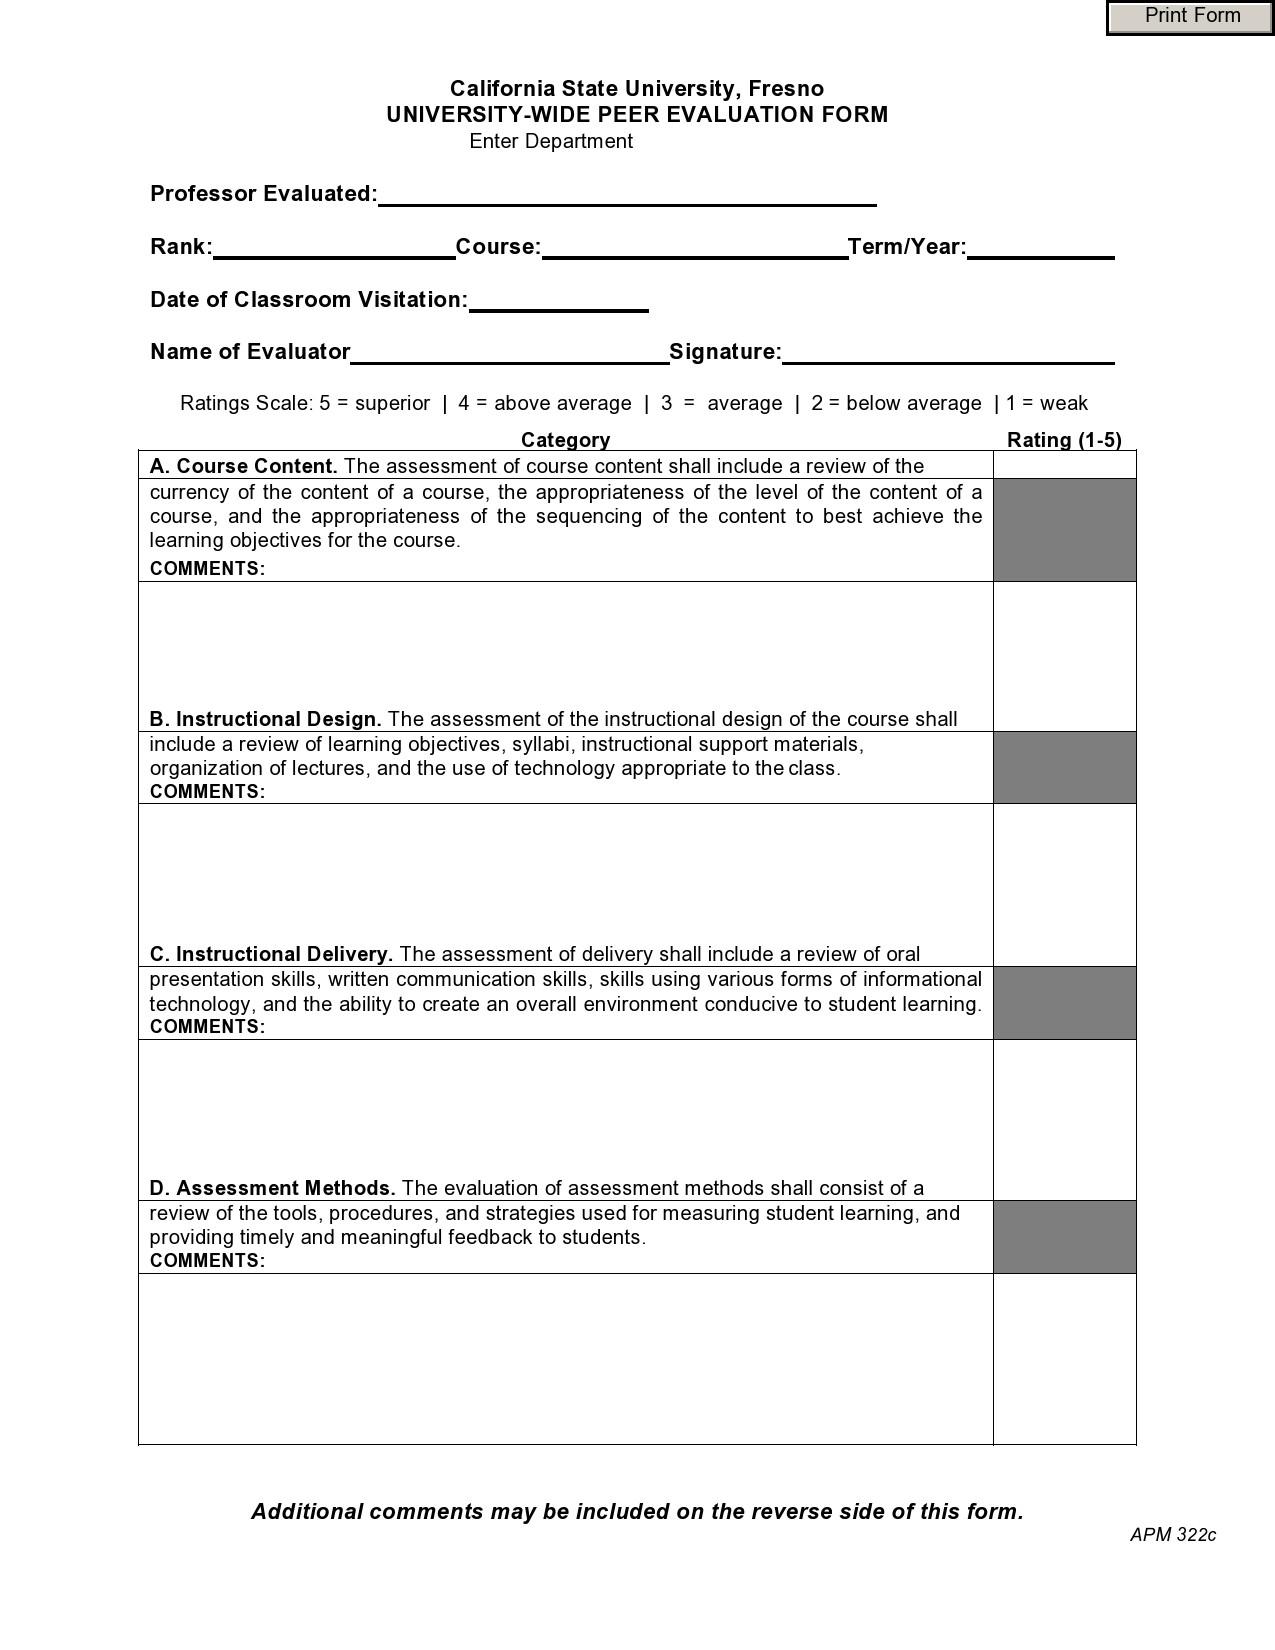 Free peer evaluation form 09